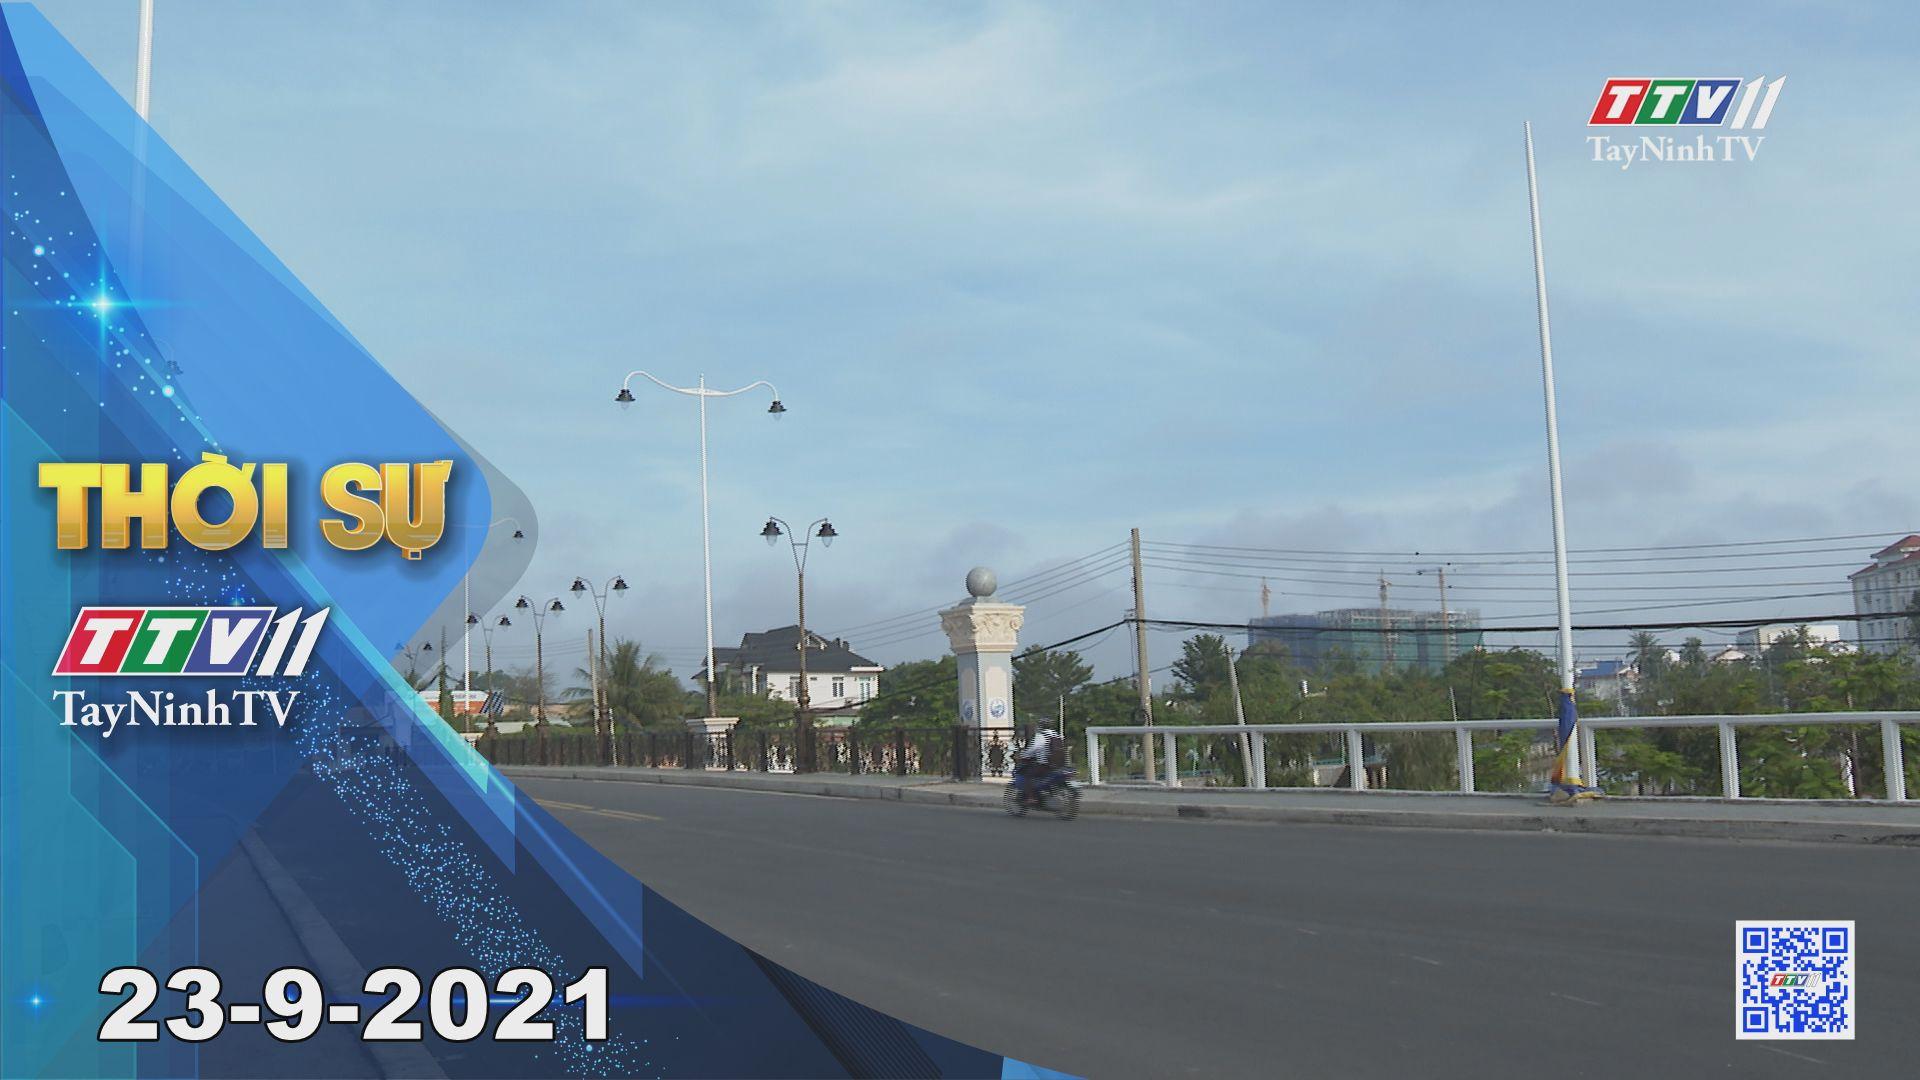 Thời sự Tây Ninh 23/9/2021 | Tin tức hôm nay | TayNinhTV